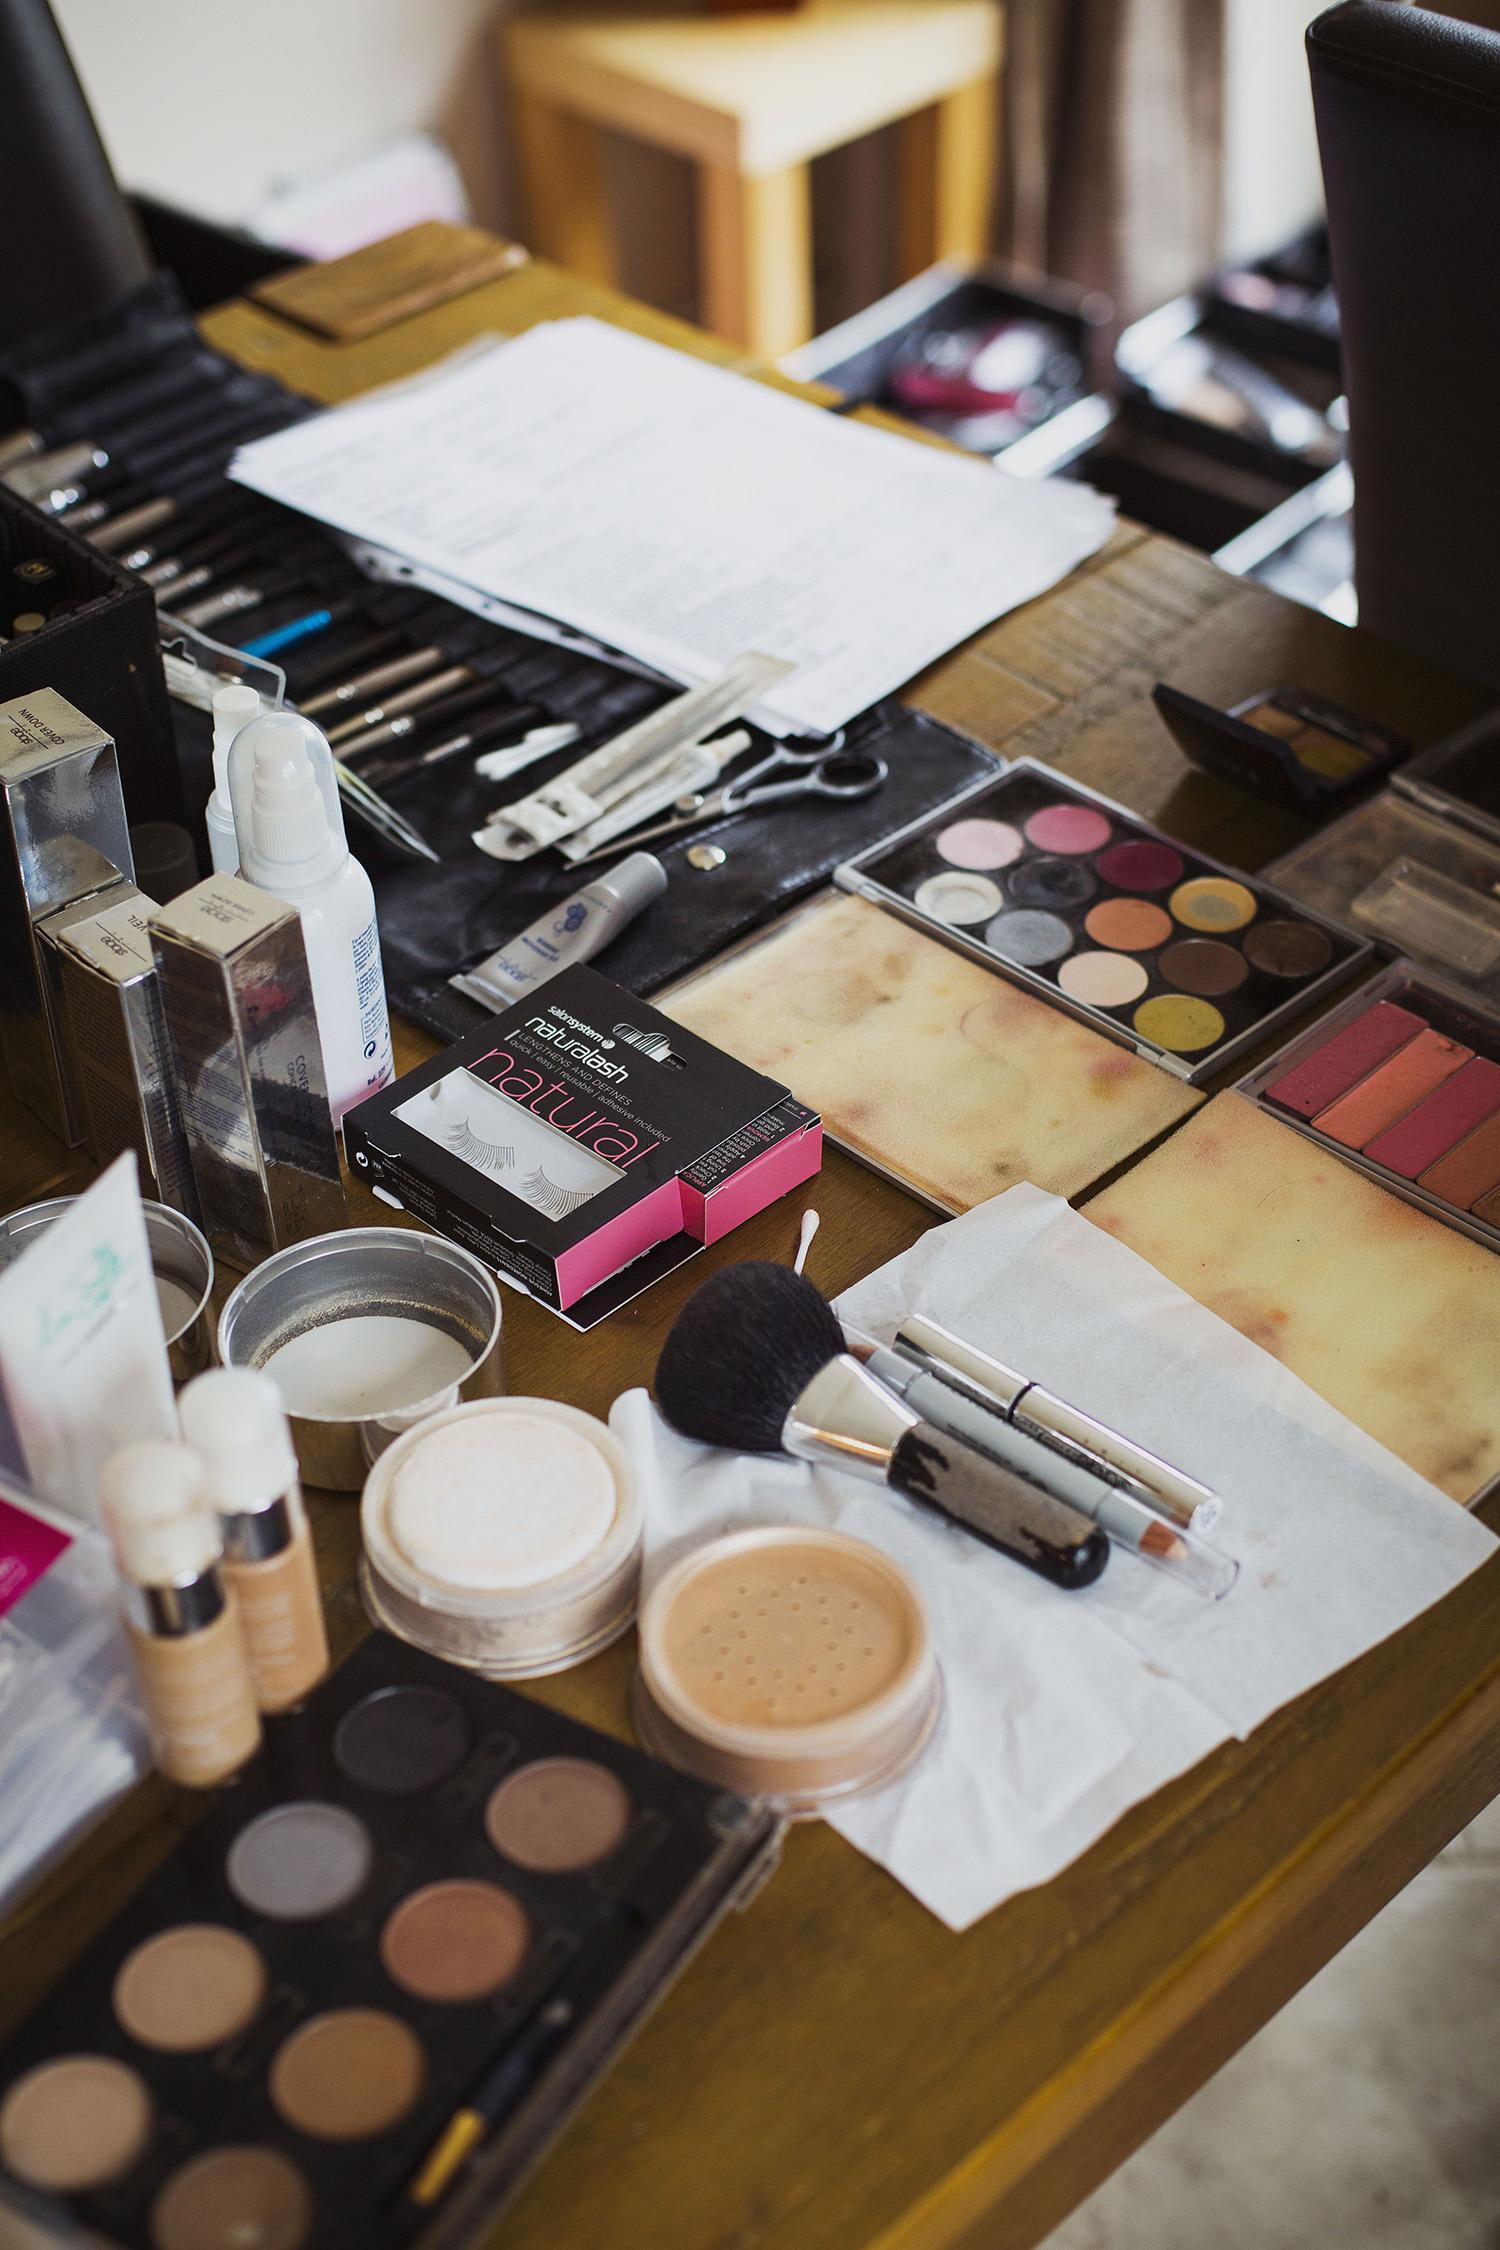 makeup at bridal prep at diy wedding